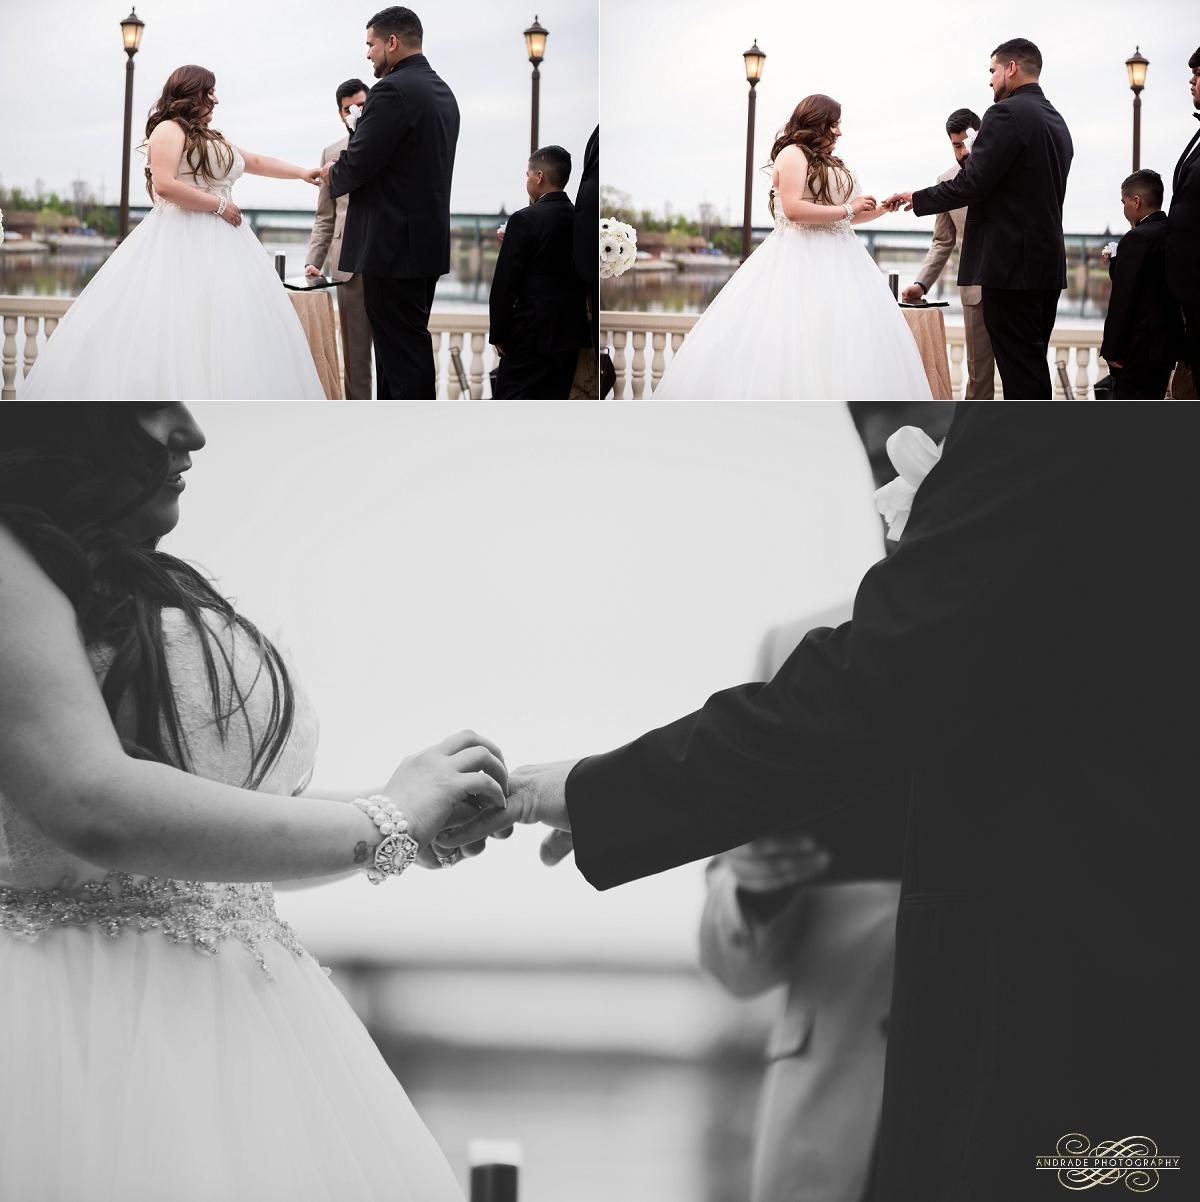 Angie + Hugo Hotel Baker Wedding Photography St Charles Illinois_0044.jpg